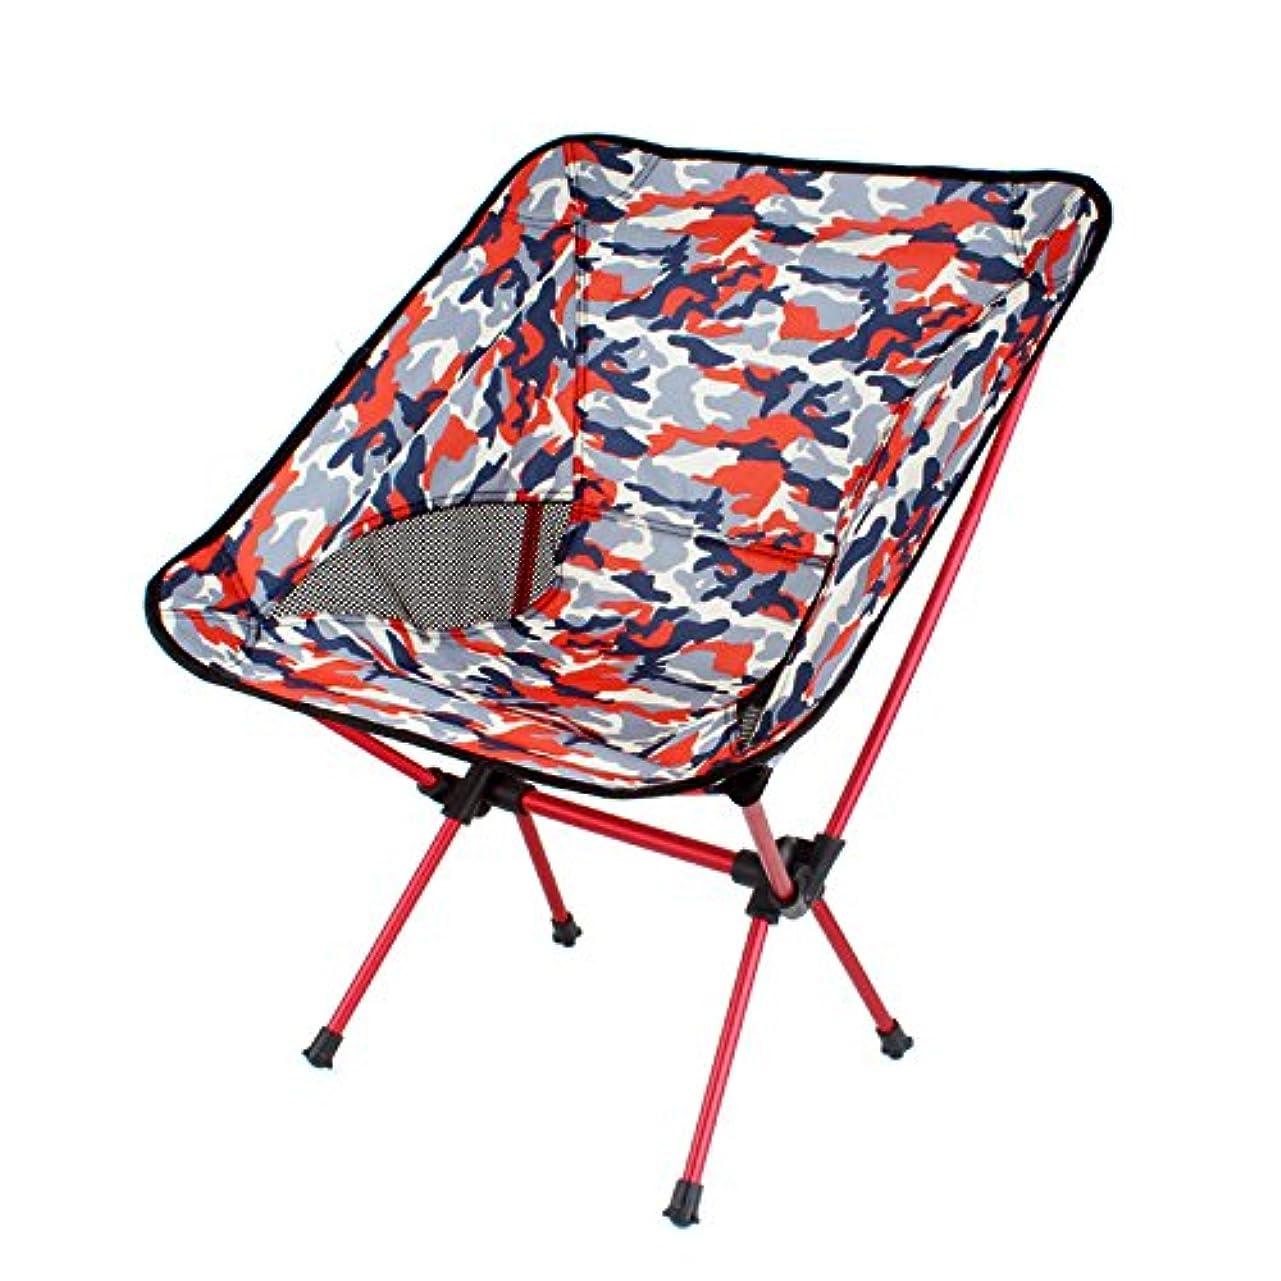 エトナ山既婚対応するOstulla ミニ超軽量折りたたみキャンプスツール屋外キャンプ折りたたみ椅子ポータブル折りたたみスツールバーベキューキャンプ釣り旅行、ハイキングガーデンビーチ屋外折りたたみ椅子モバイルチェアコンパクトスツールポータブルバーベキュー/釣り/キャンプ/グリルバーベキュー/ピクニック簡単組み立て強くて丈夫 気配りの行き届いたサービス (Color : Red)